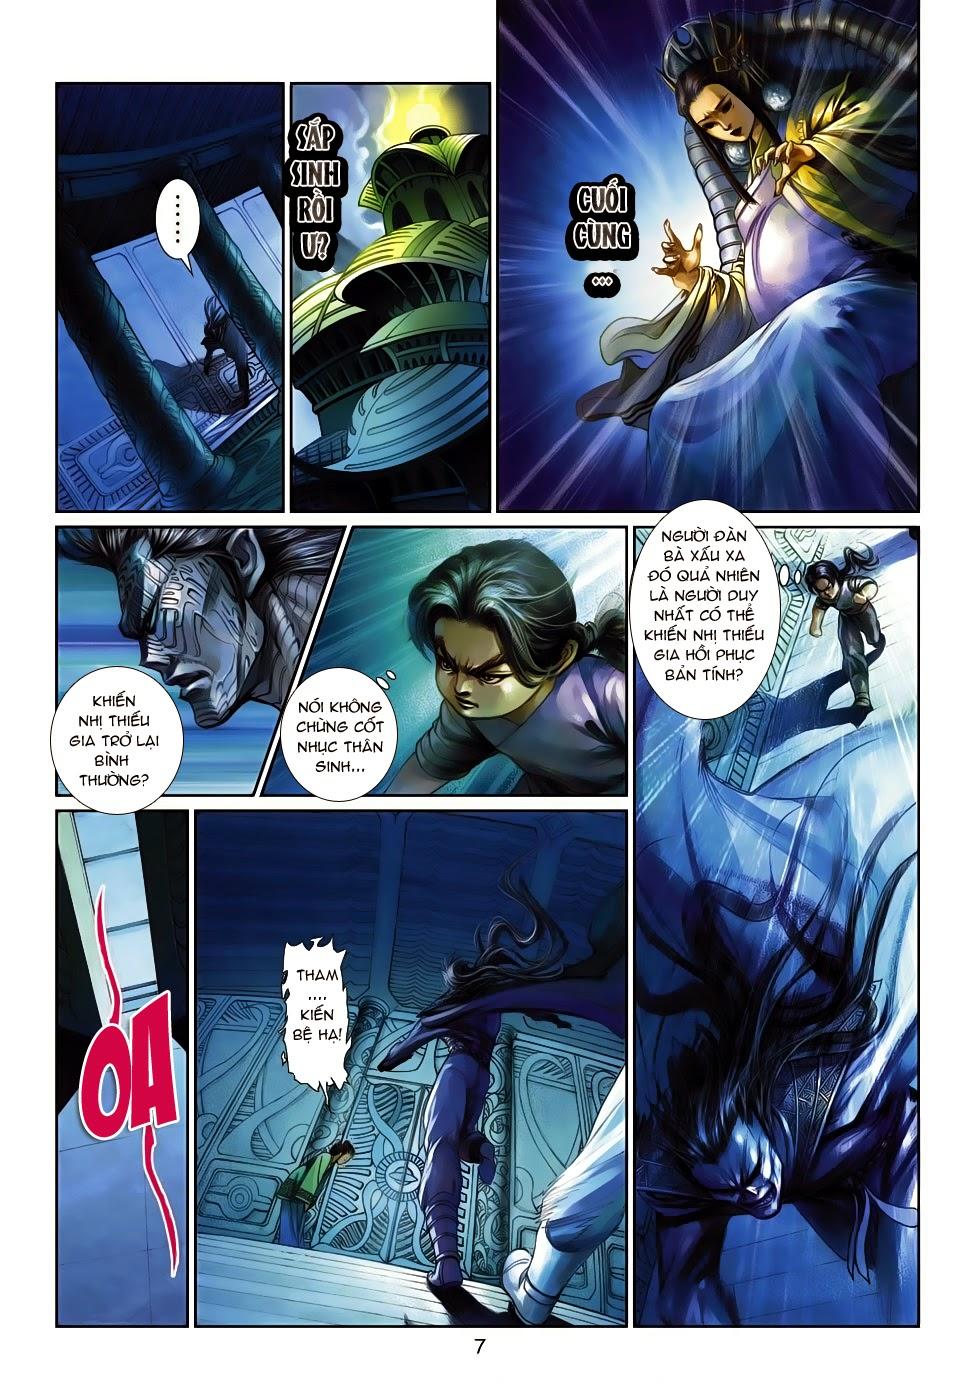 Thần Binh Tiền Truyện 4 - Huyền Thiên Tà Đế chap 14 - Trang 7